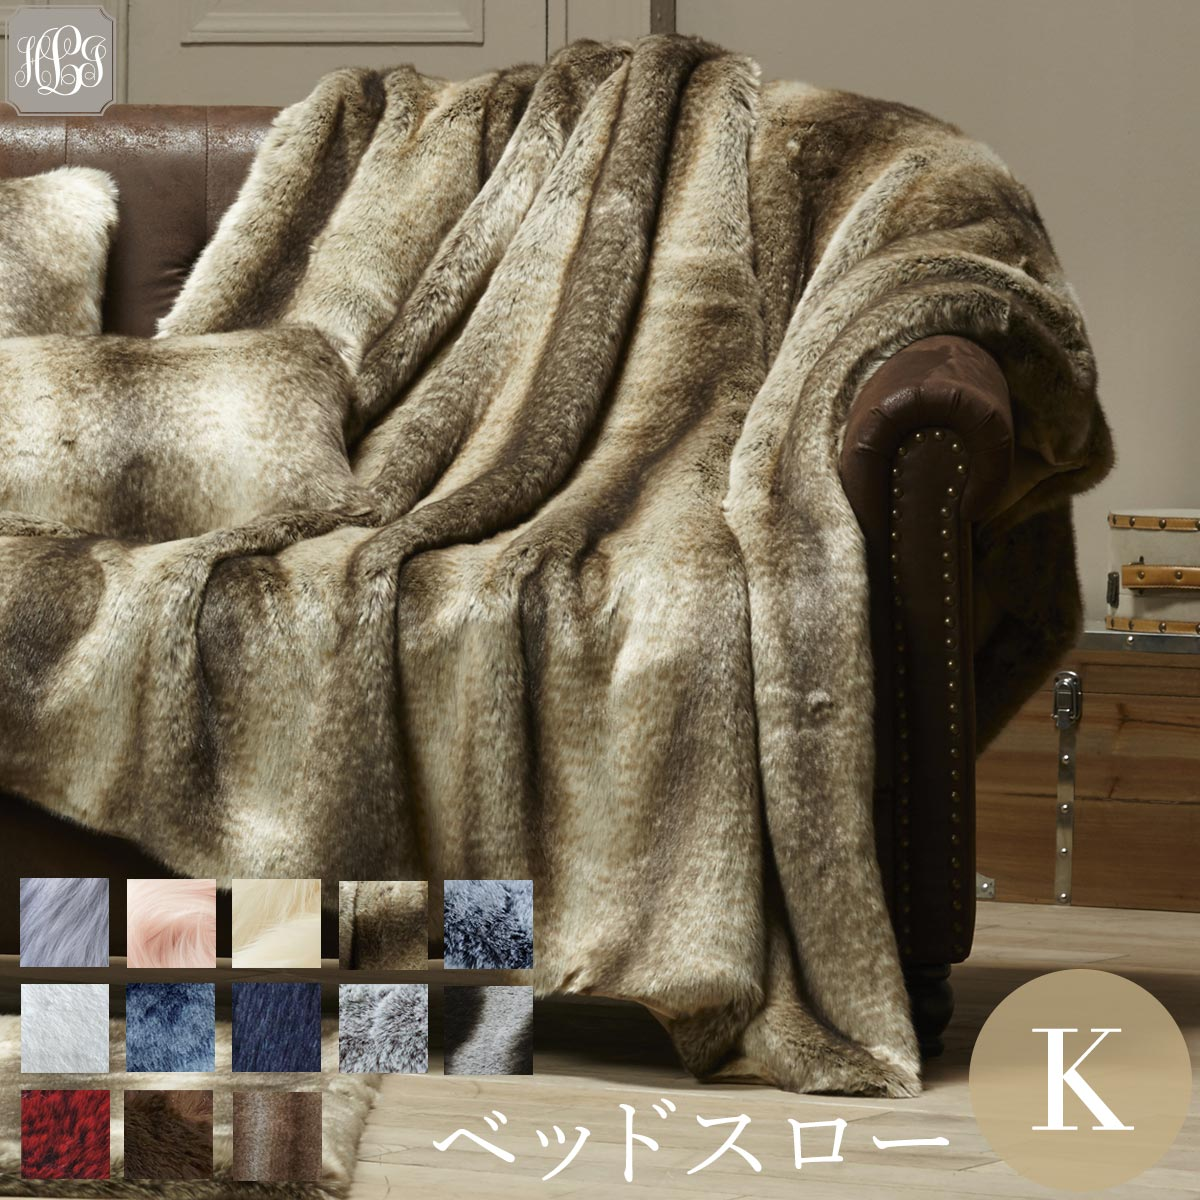 ベッドスロー キング 300×140cm EVELYNE PRELONGE (エヴリーヌ・プレロンジュ)